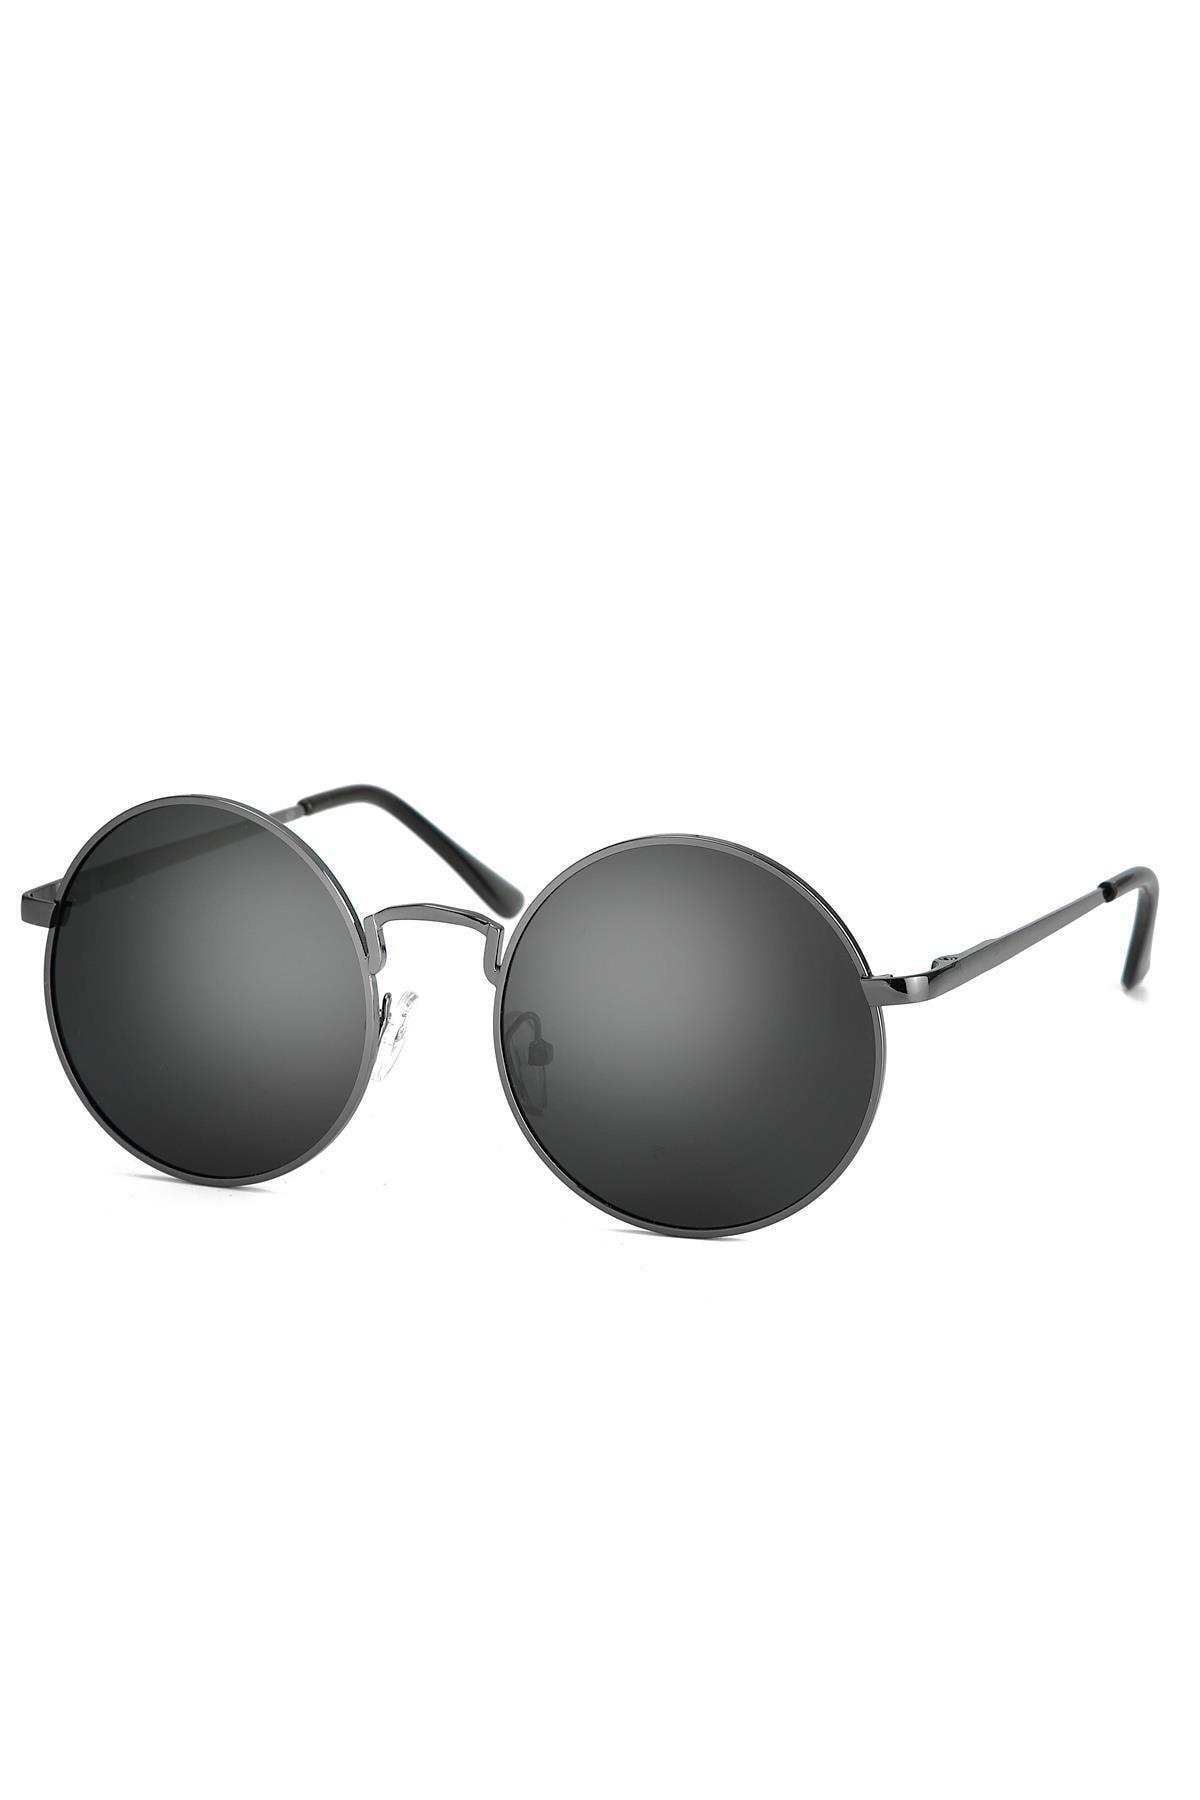 Di Caprio Unisex Güneş Gözlüğü Dhx1609b 1